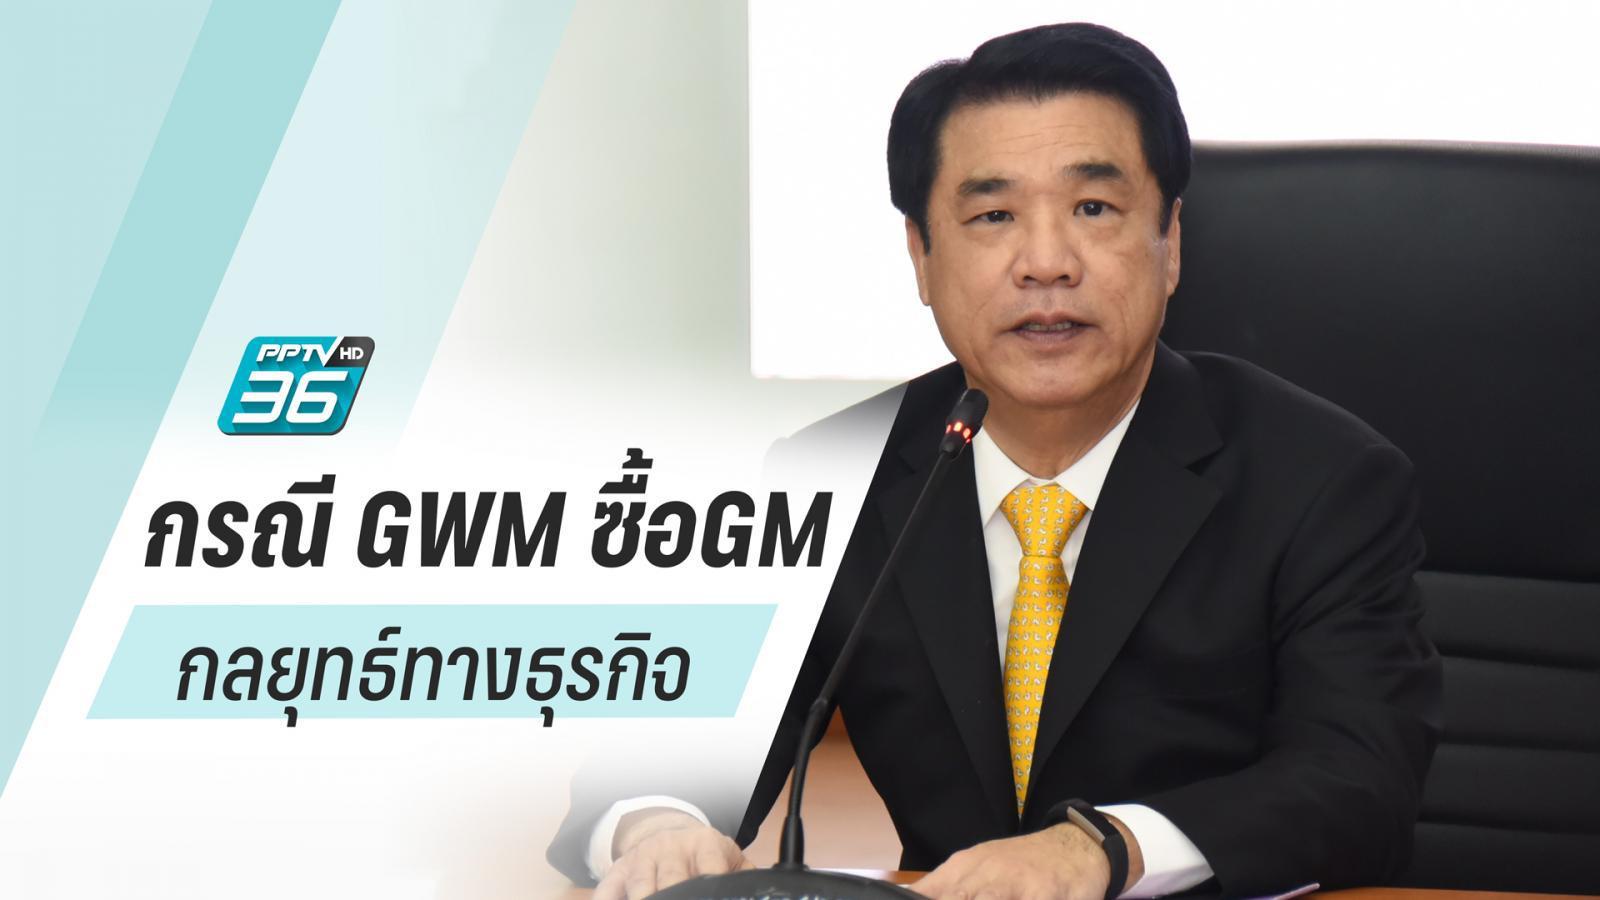 ก.อุตฯ ชี้ GWM ซื้อศูนย์ผลิตยานยนต์ GM ดันยอดการผลิตเพิ่ม 2 เท่า